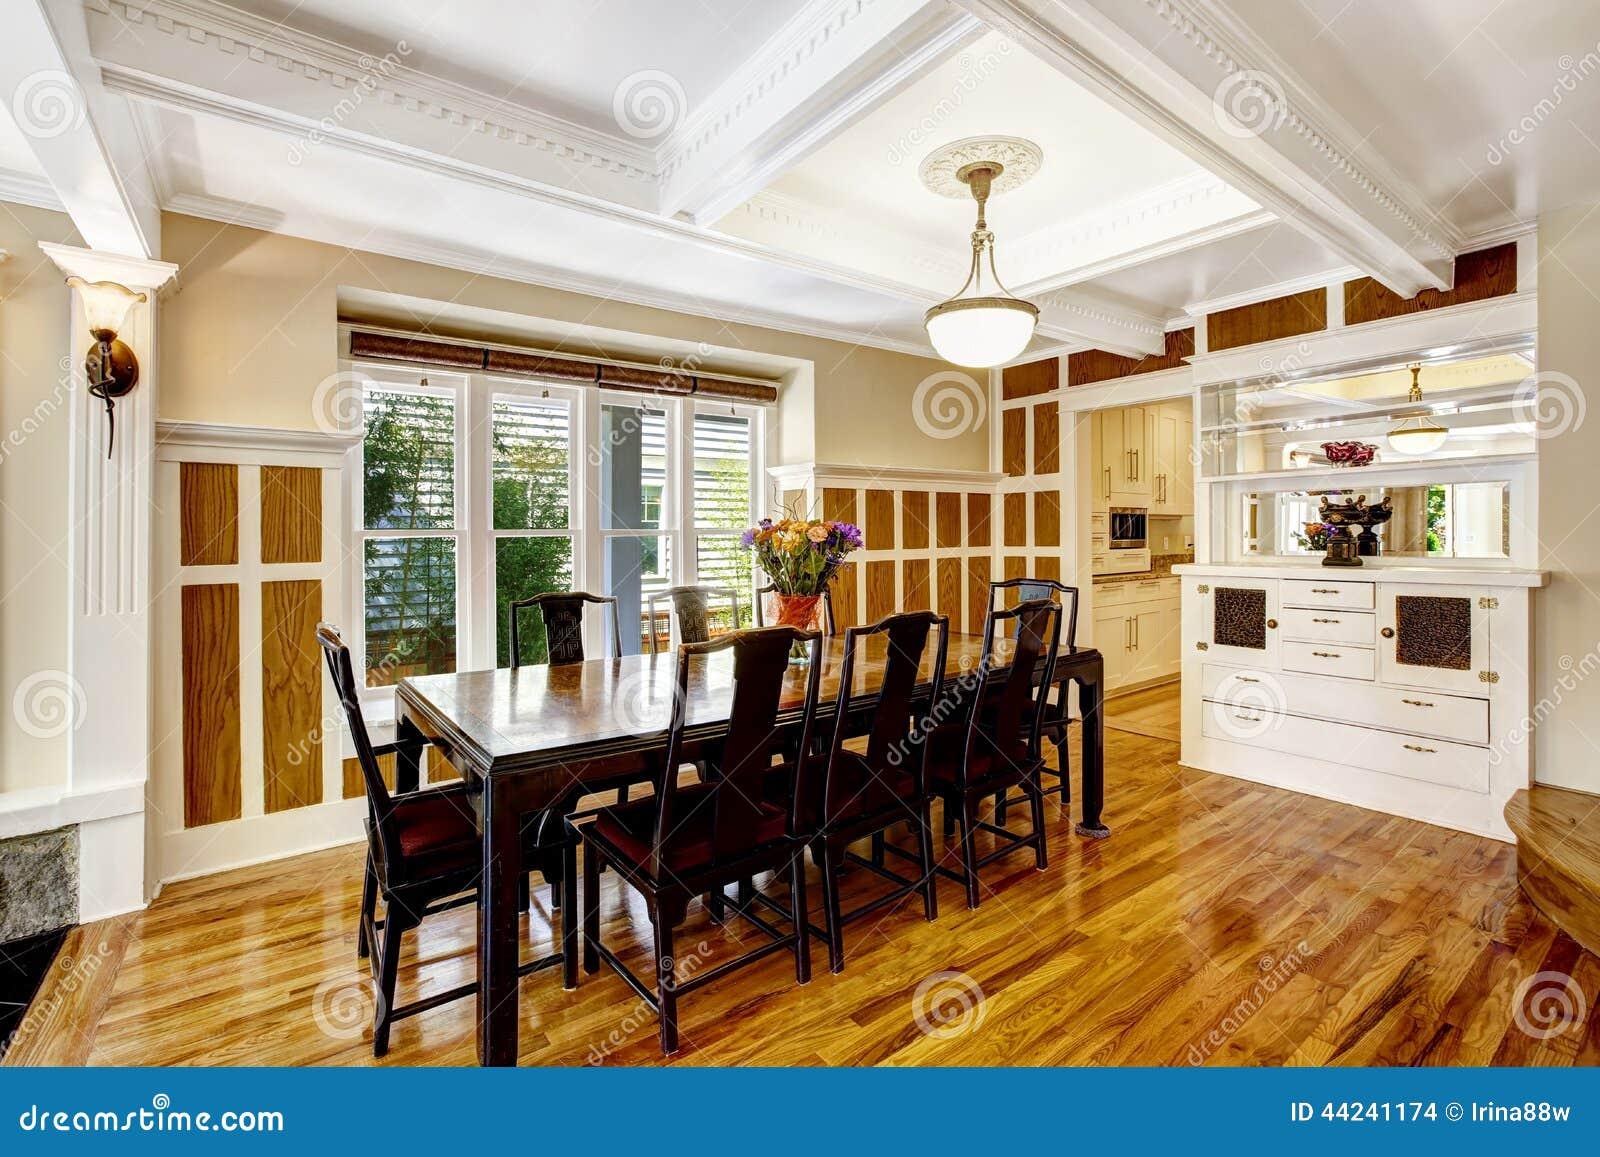 Int rieur de salle manger d 39 empressive maison de luxe for Salle a manger de luxe en bois